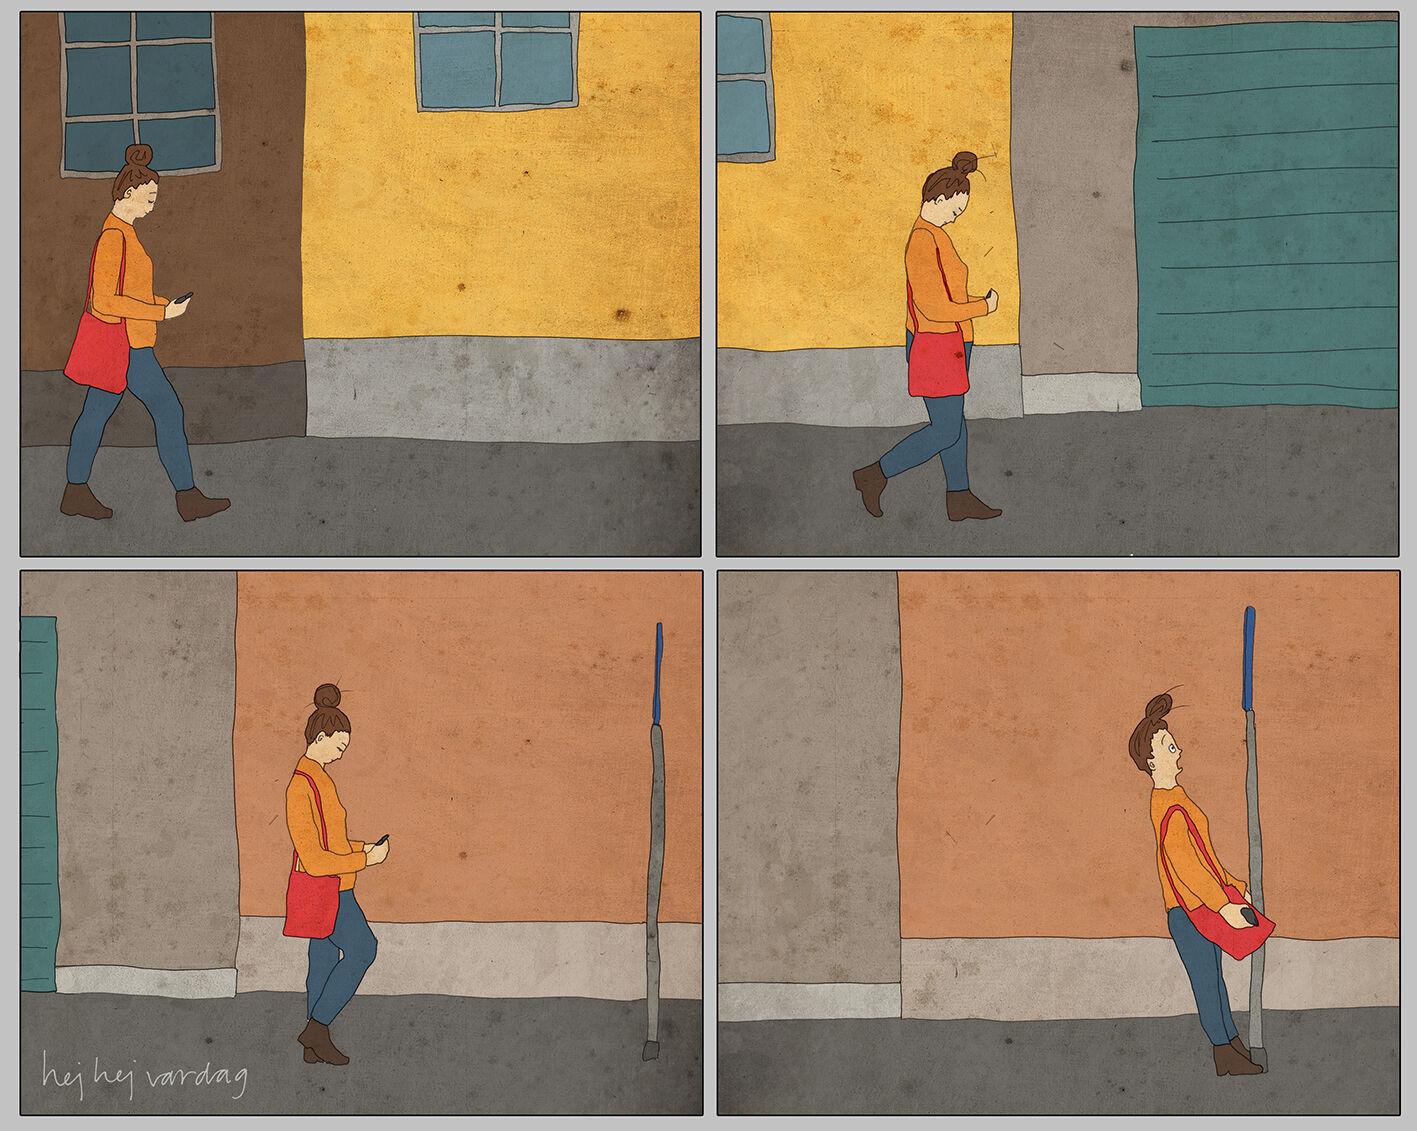 mobilpromenad